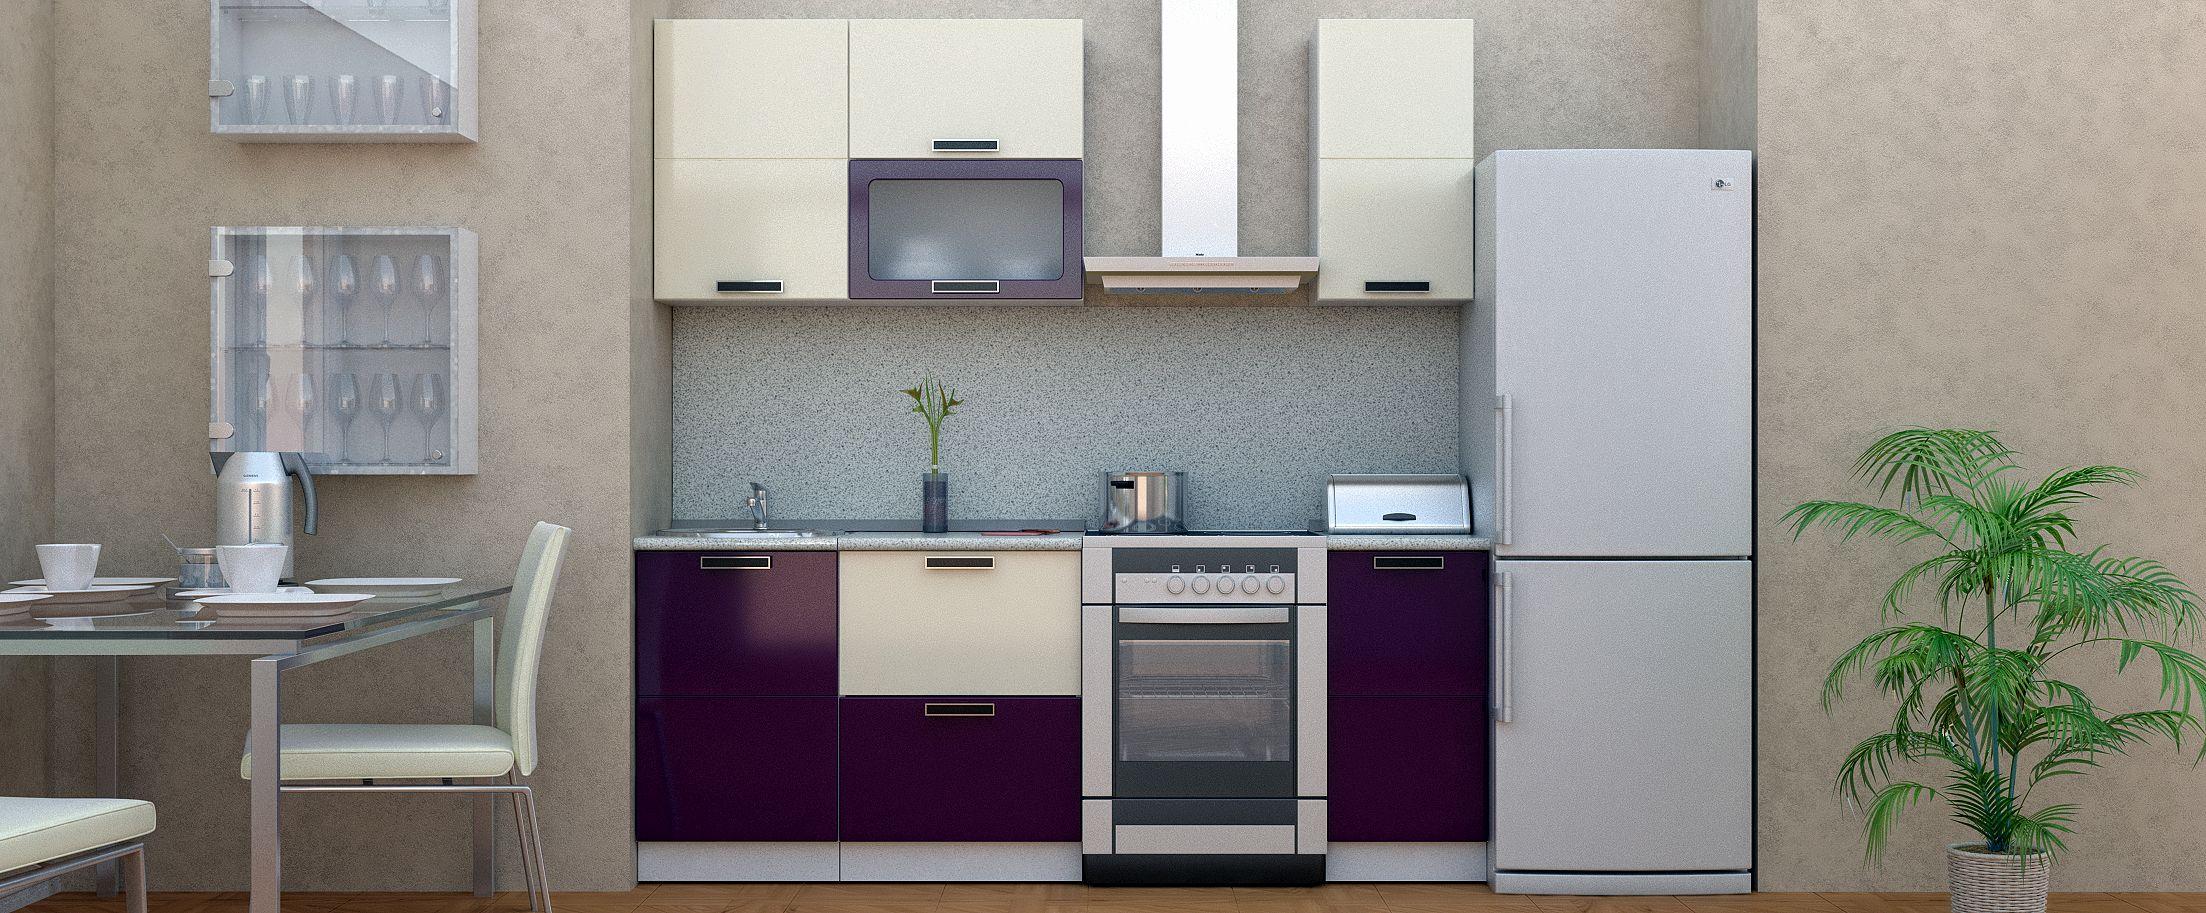 Кухня Баклажан 1,5 мКупить удобный и практичный набор кухонного гарнитура в интернет магазине MOON TRADE. Быстрая доставка, вынос упаковки, гарантия! Выгодная покупка!<br>